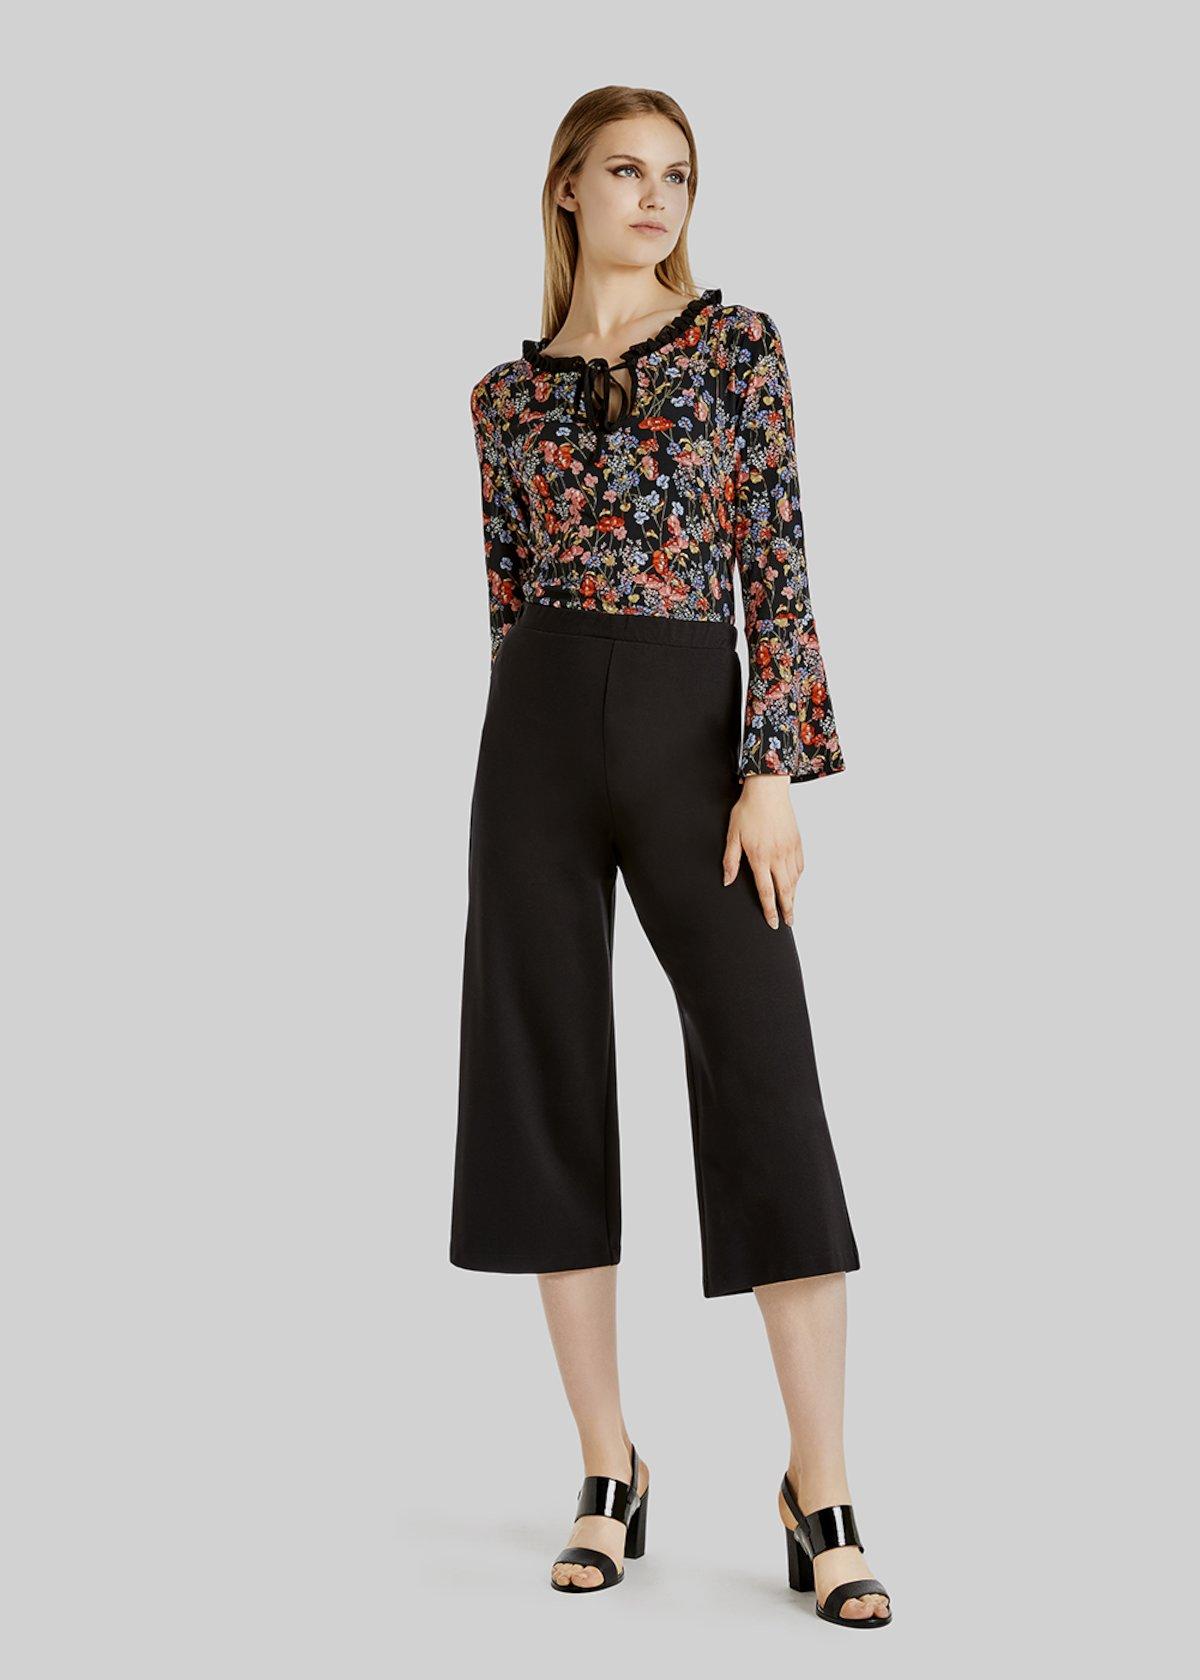 Pantaloni Plinios in crepe modello palazzo